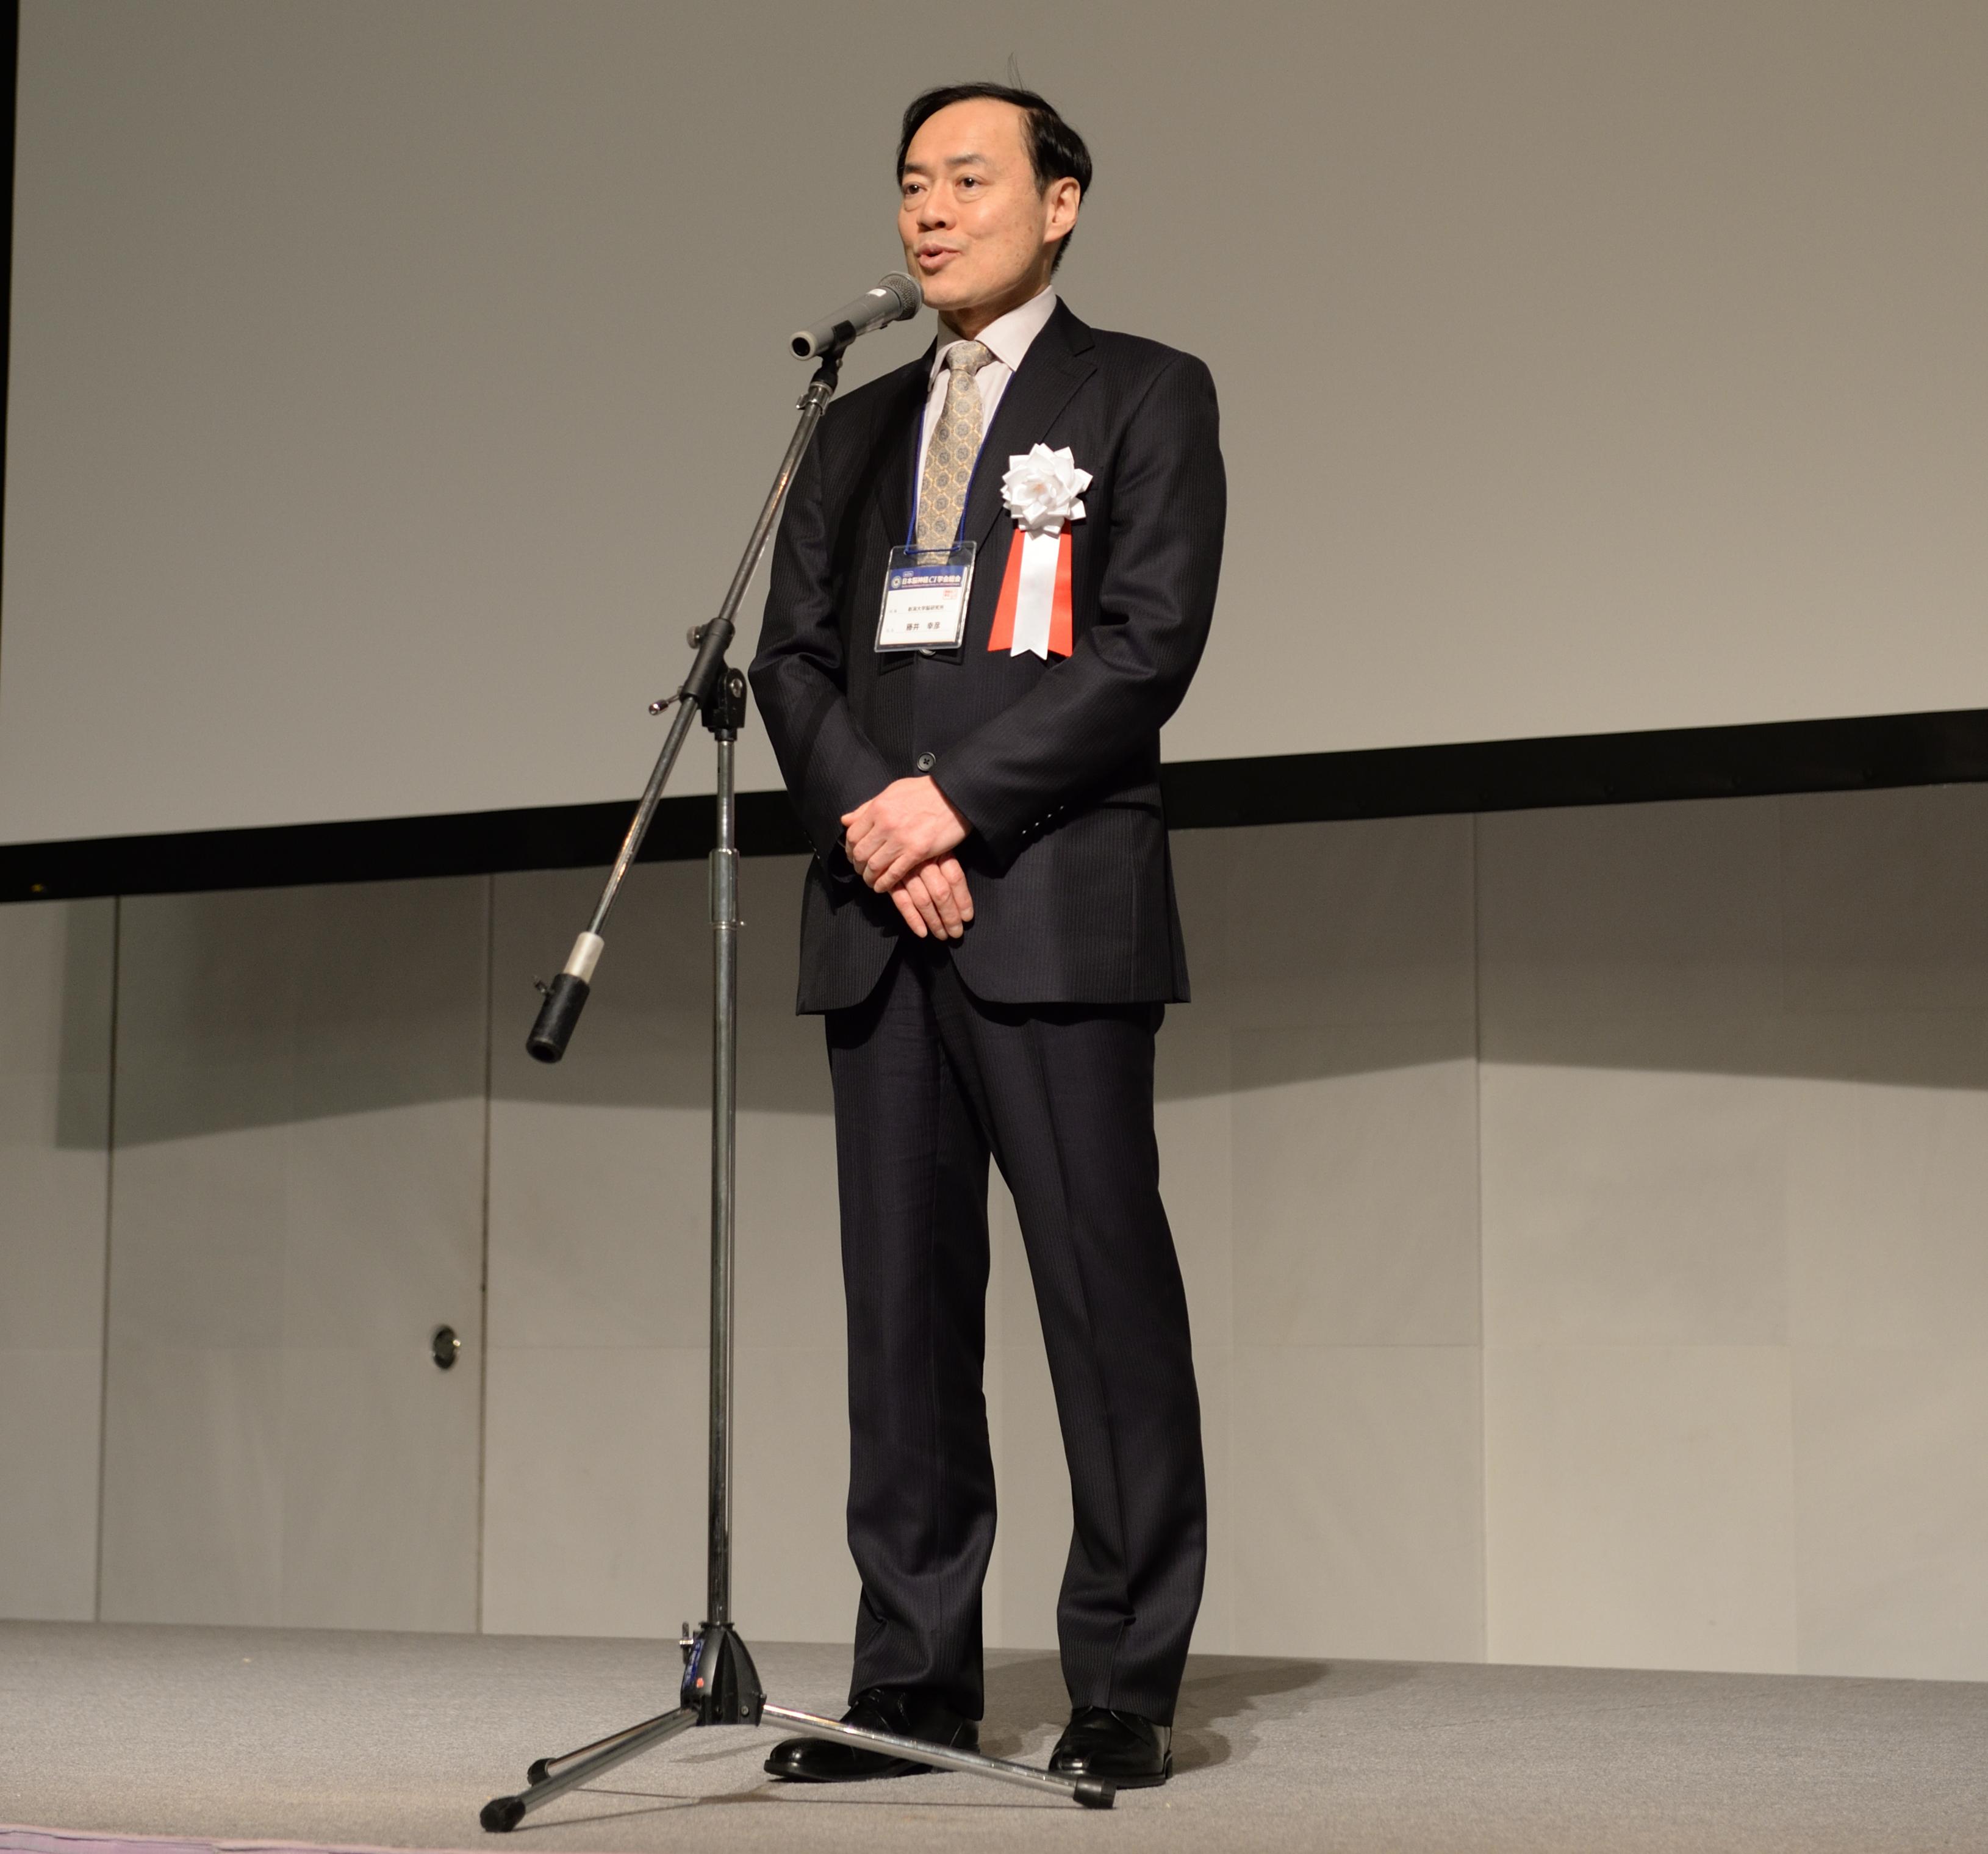 藤井幸彦教授による開会の挨拶